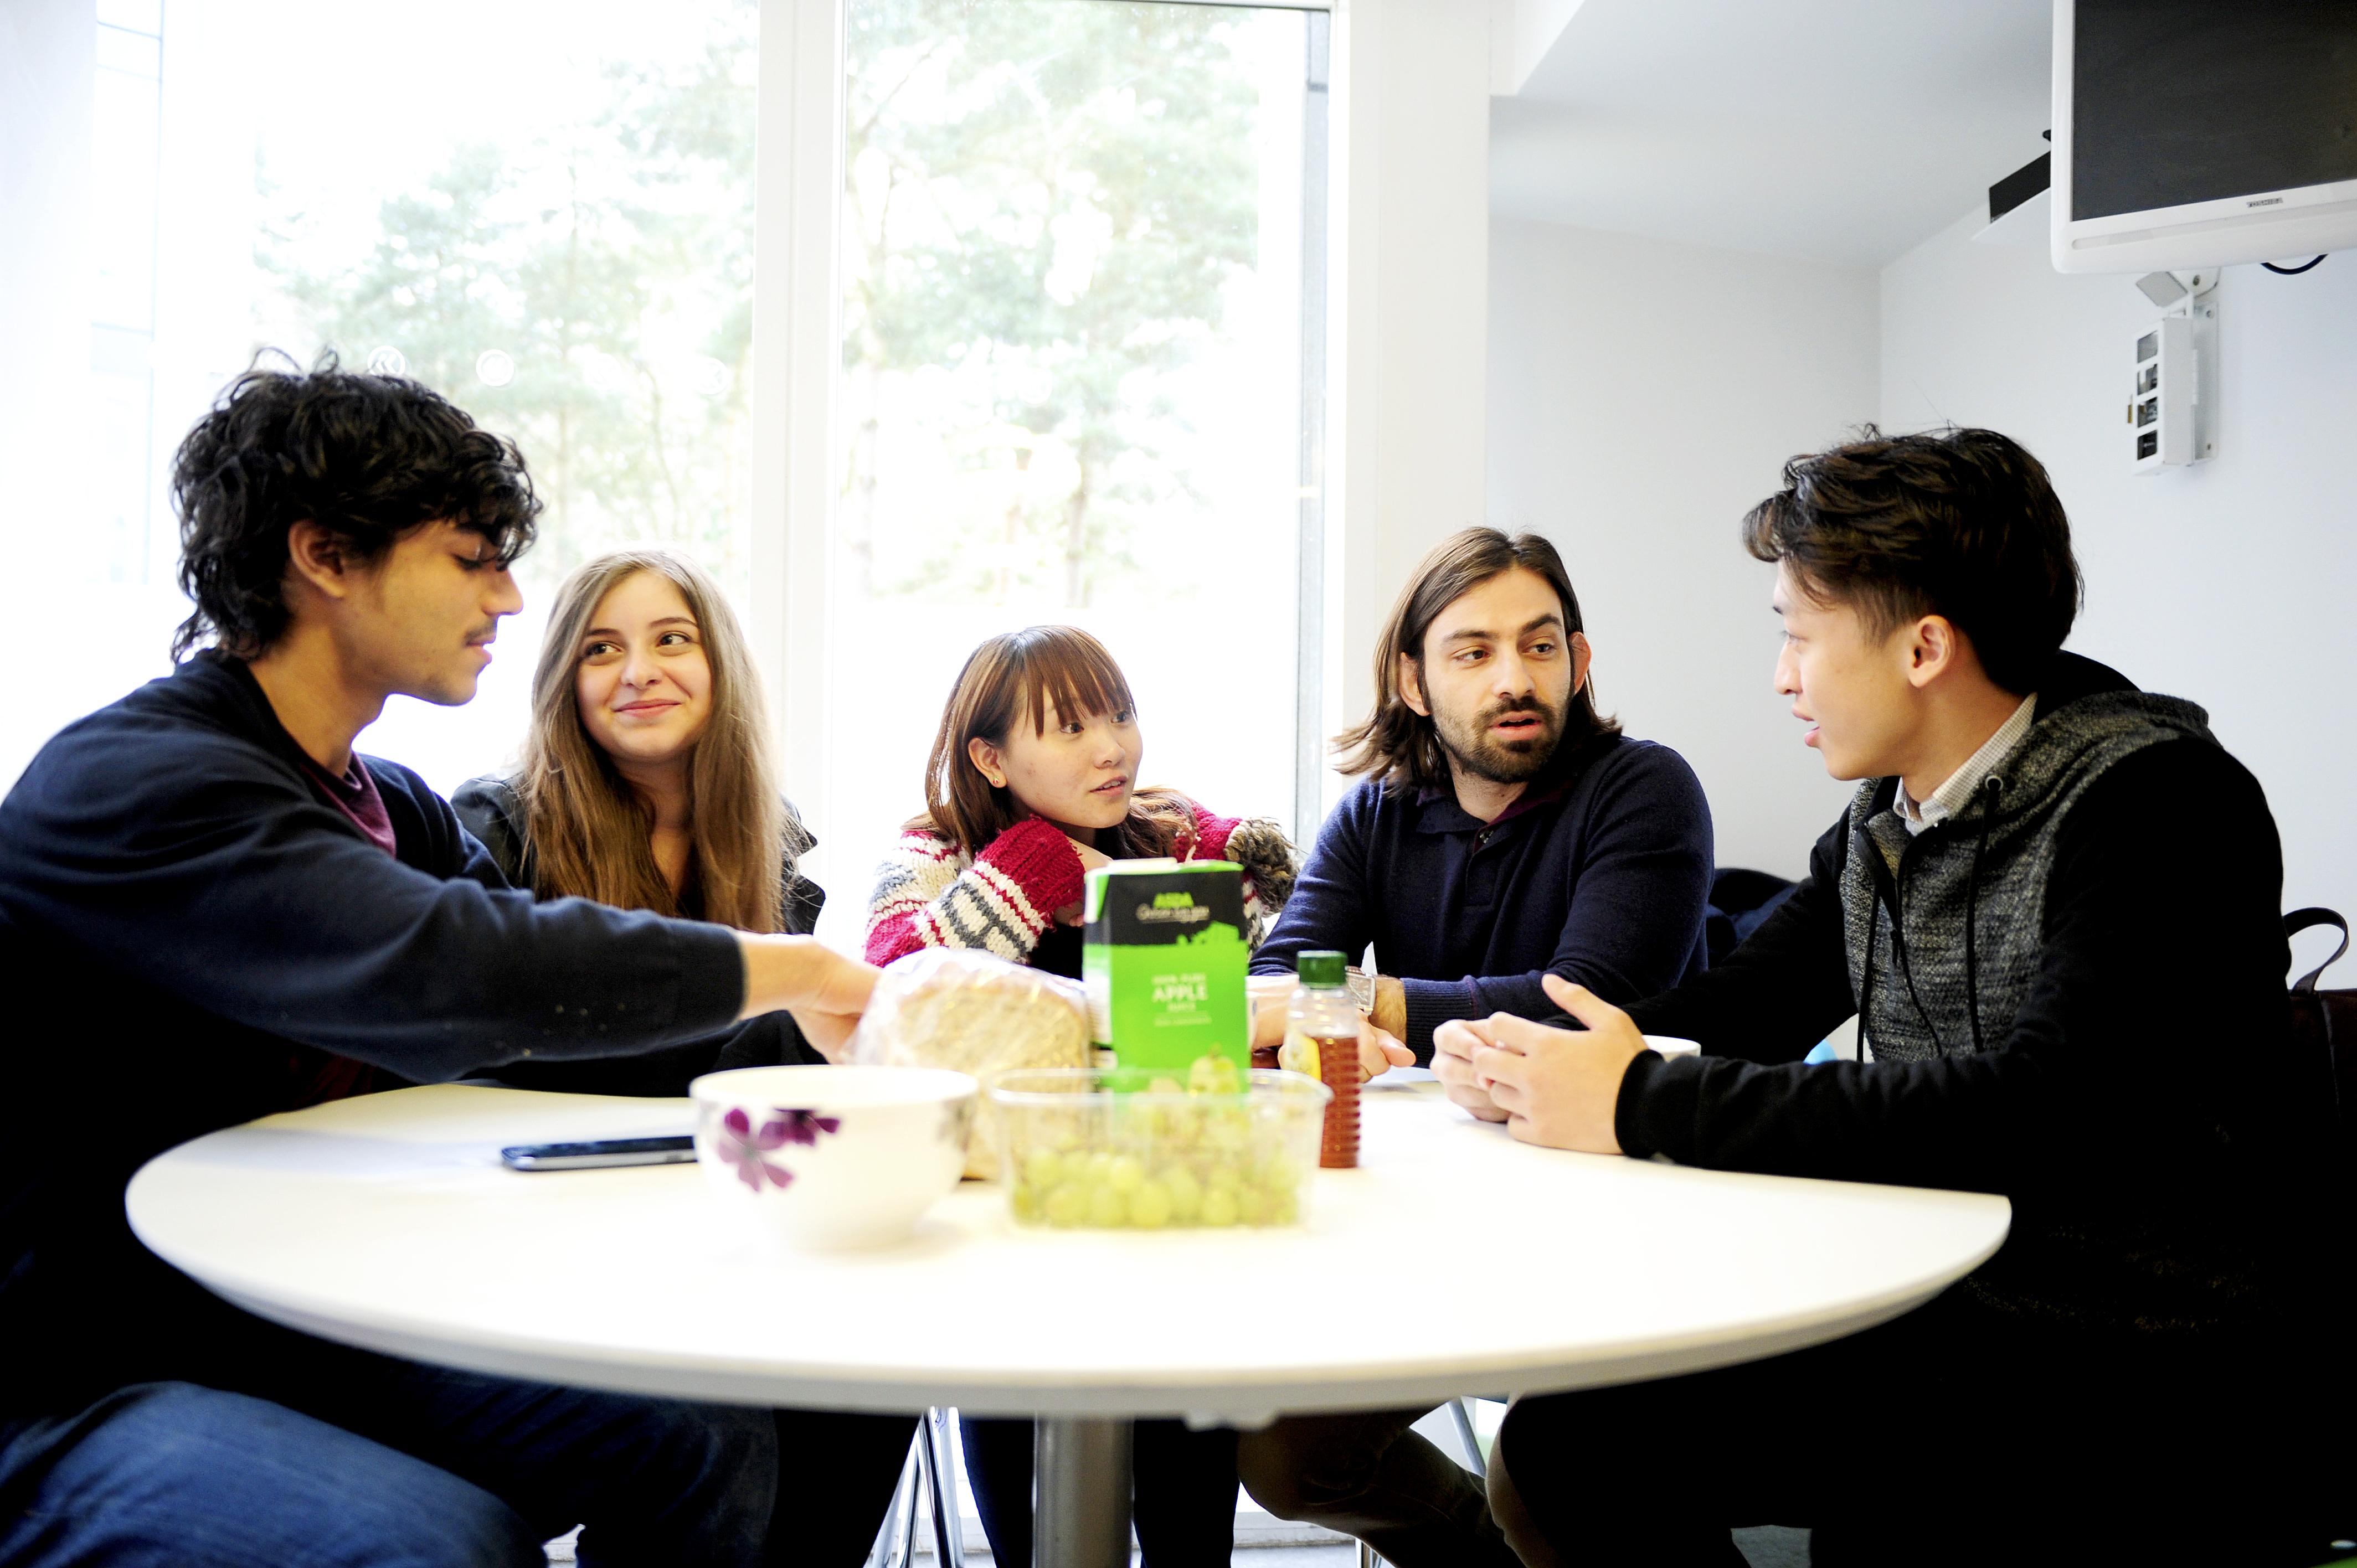 学生在INTO UEA中心学生宿舍的厨房里开展社交活动